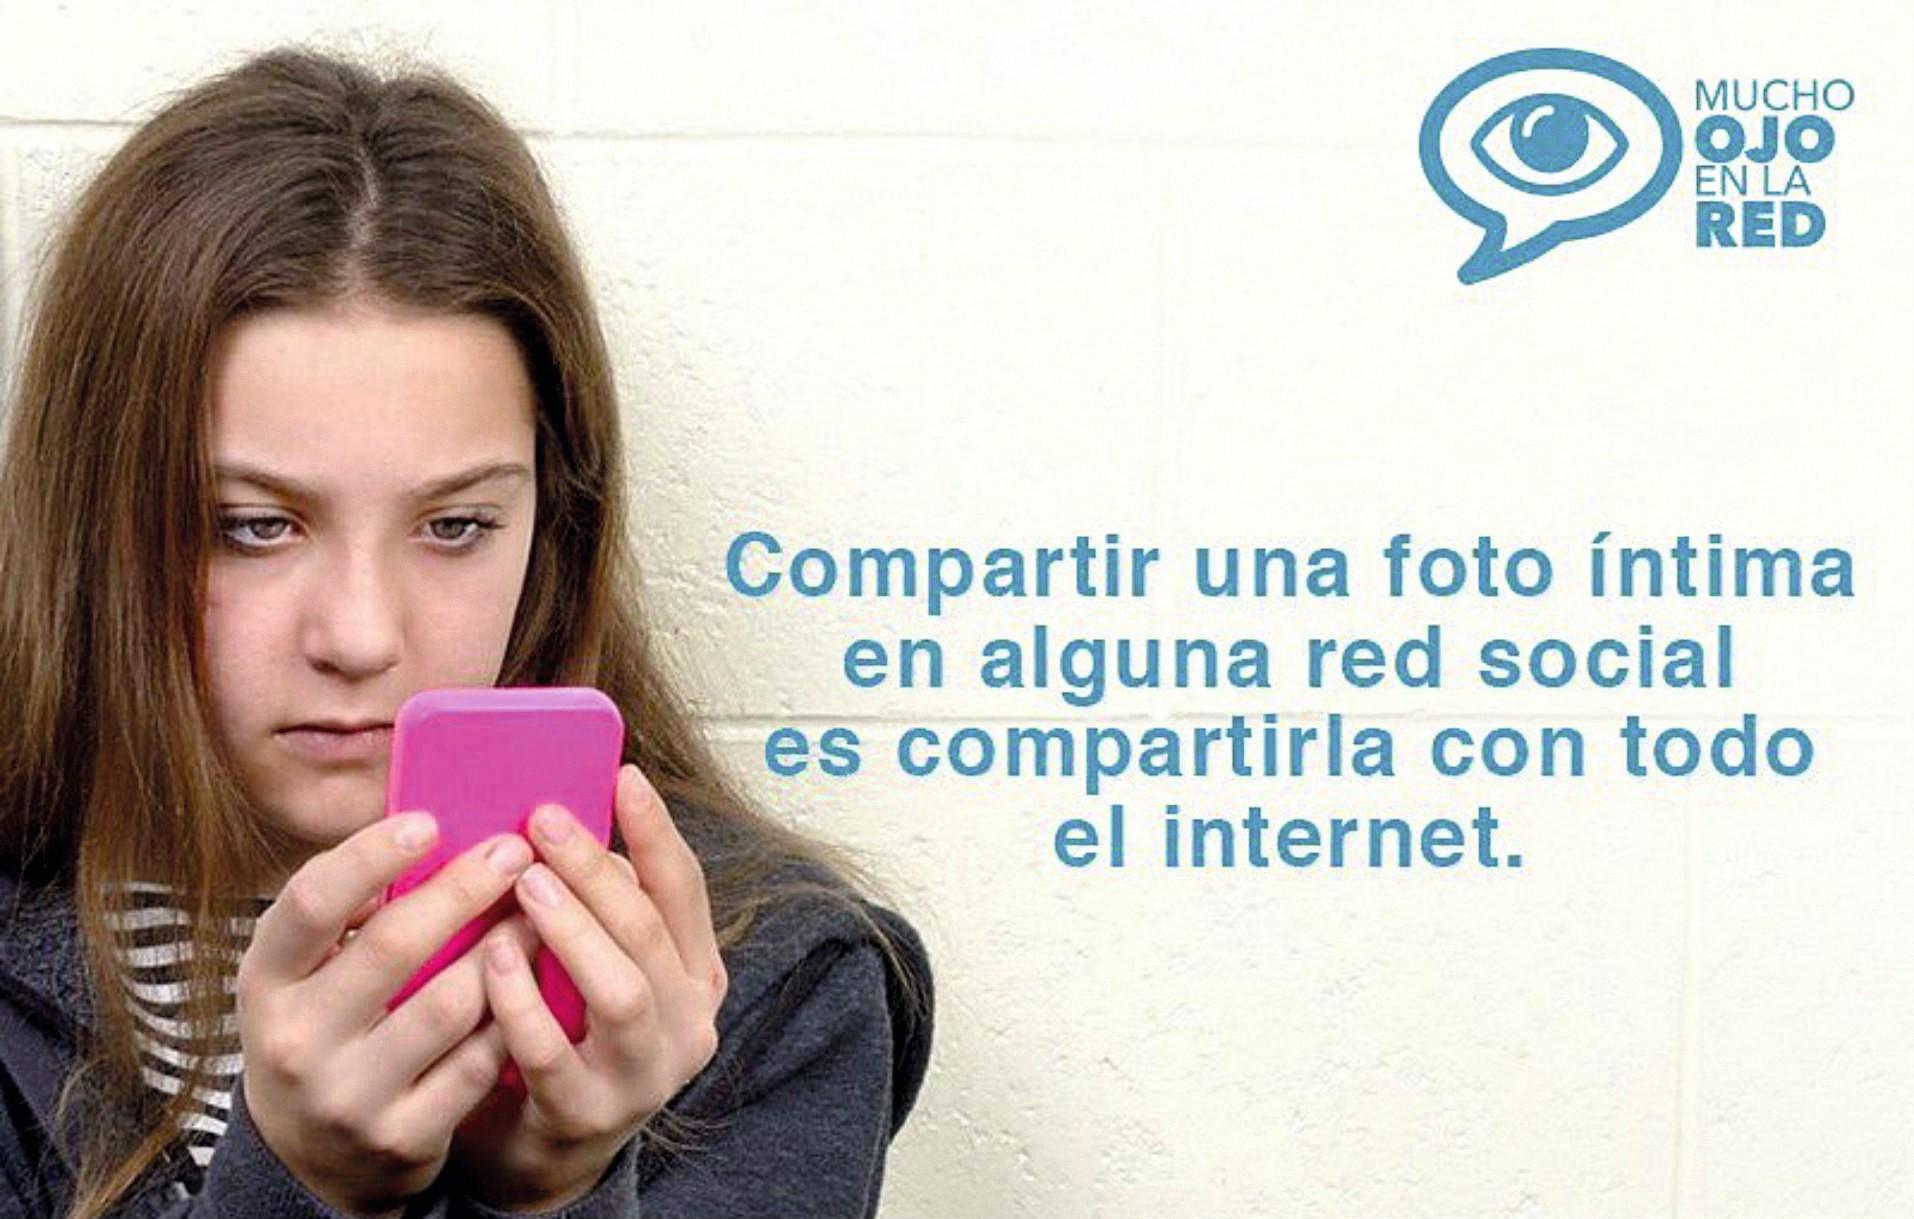 Campaña Mucho ojo en la Red, Red en Defensa de los Derechos Digitales, 2017.